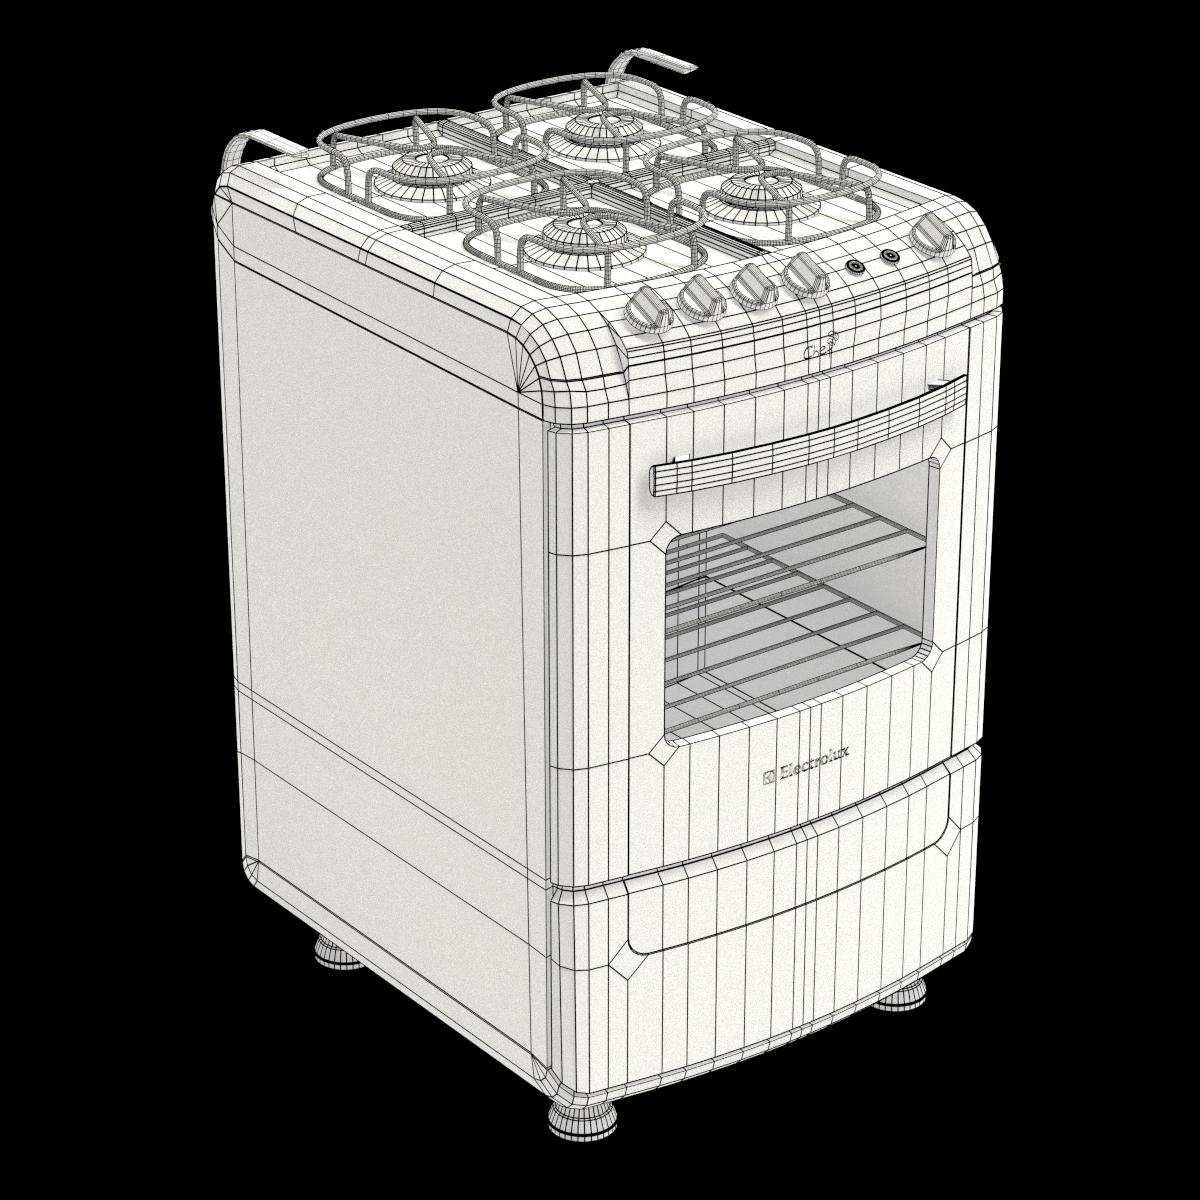 Model home appliances